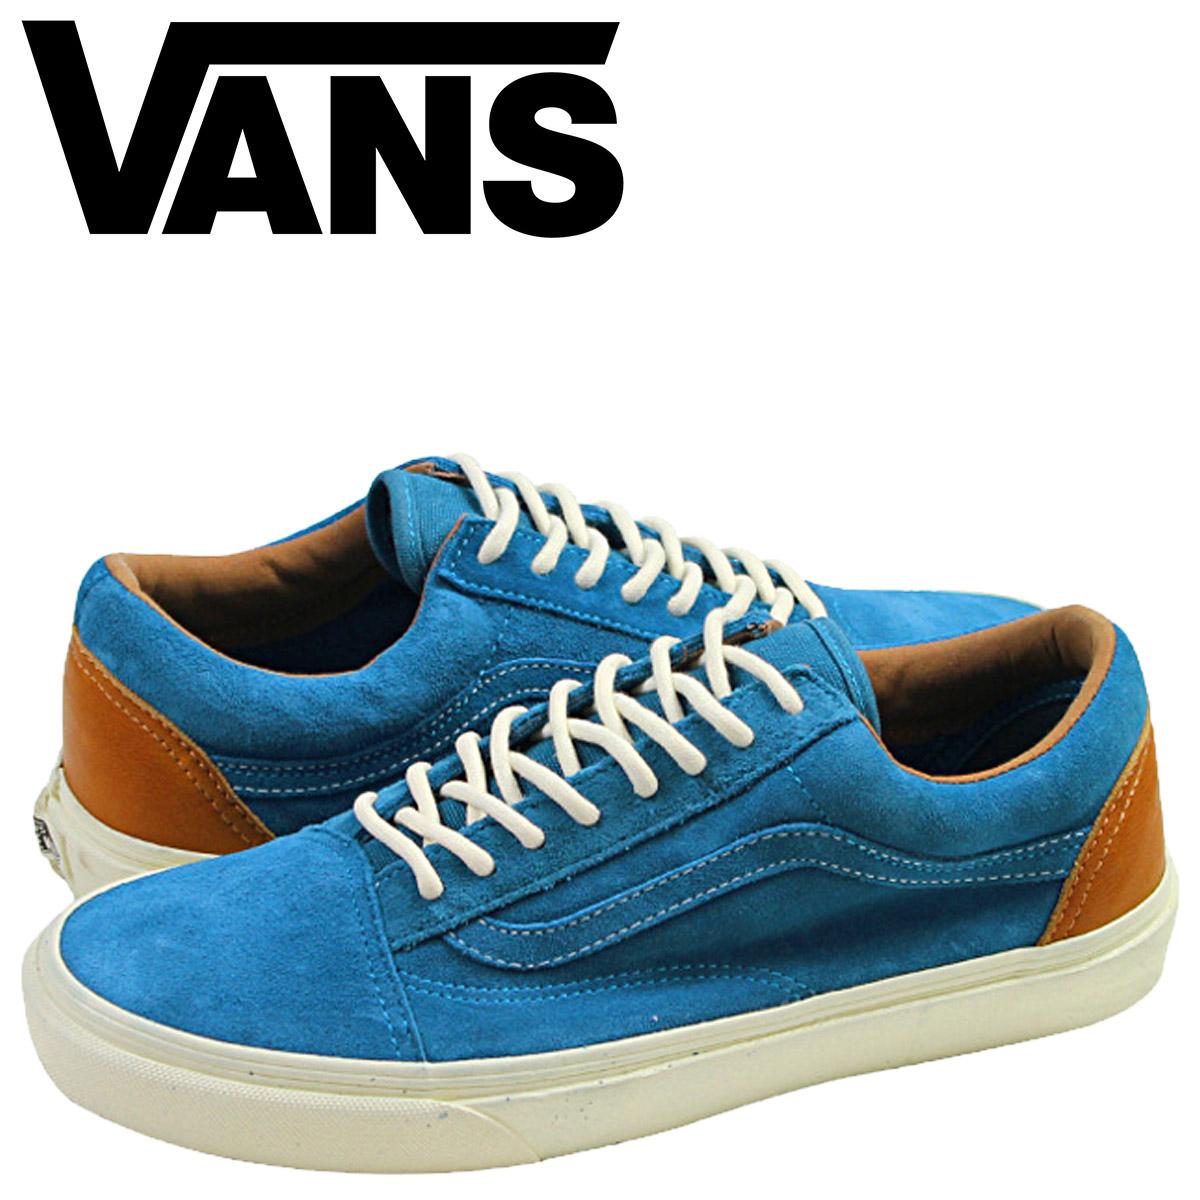 vans old skool reissue blue